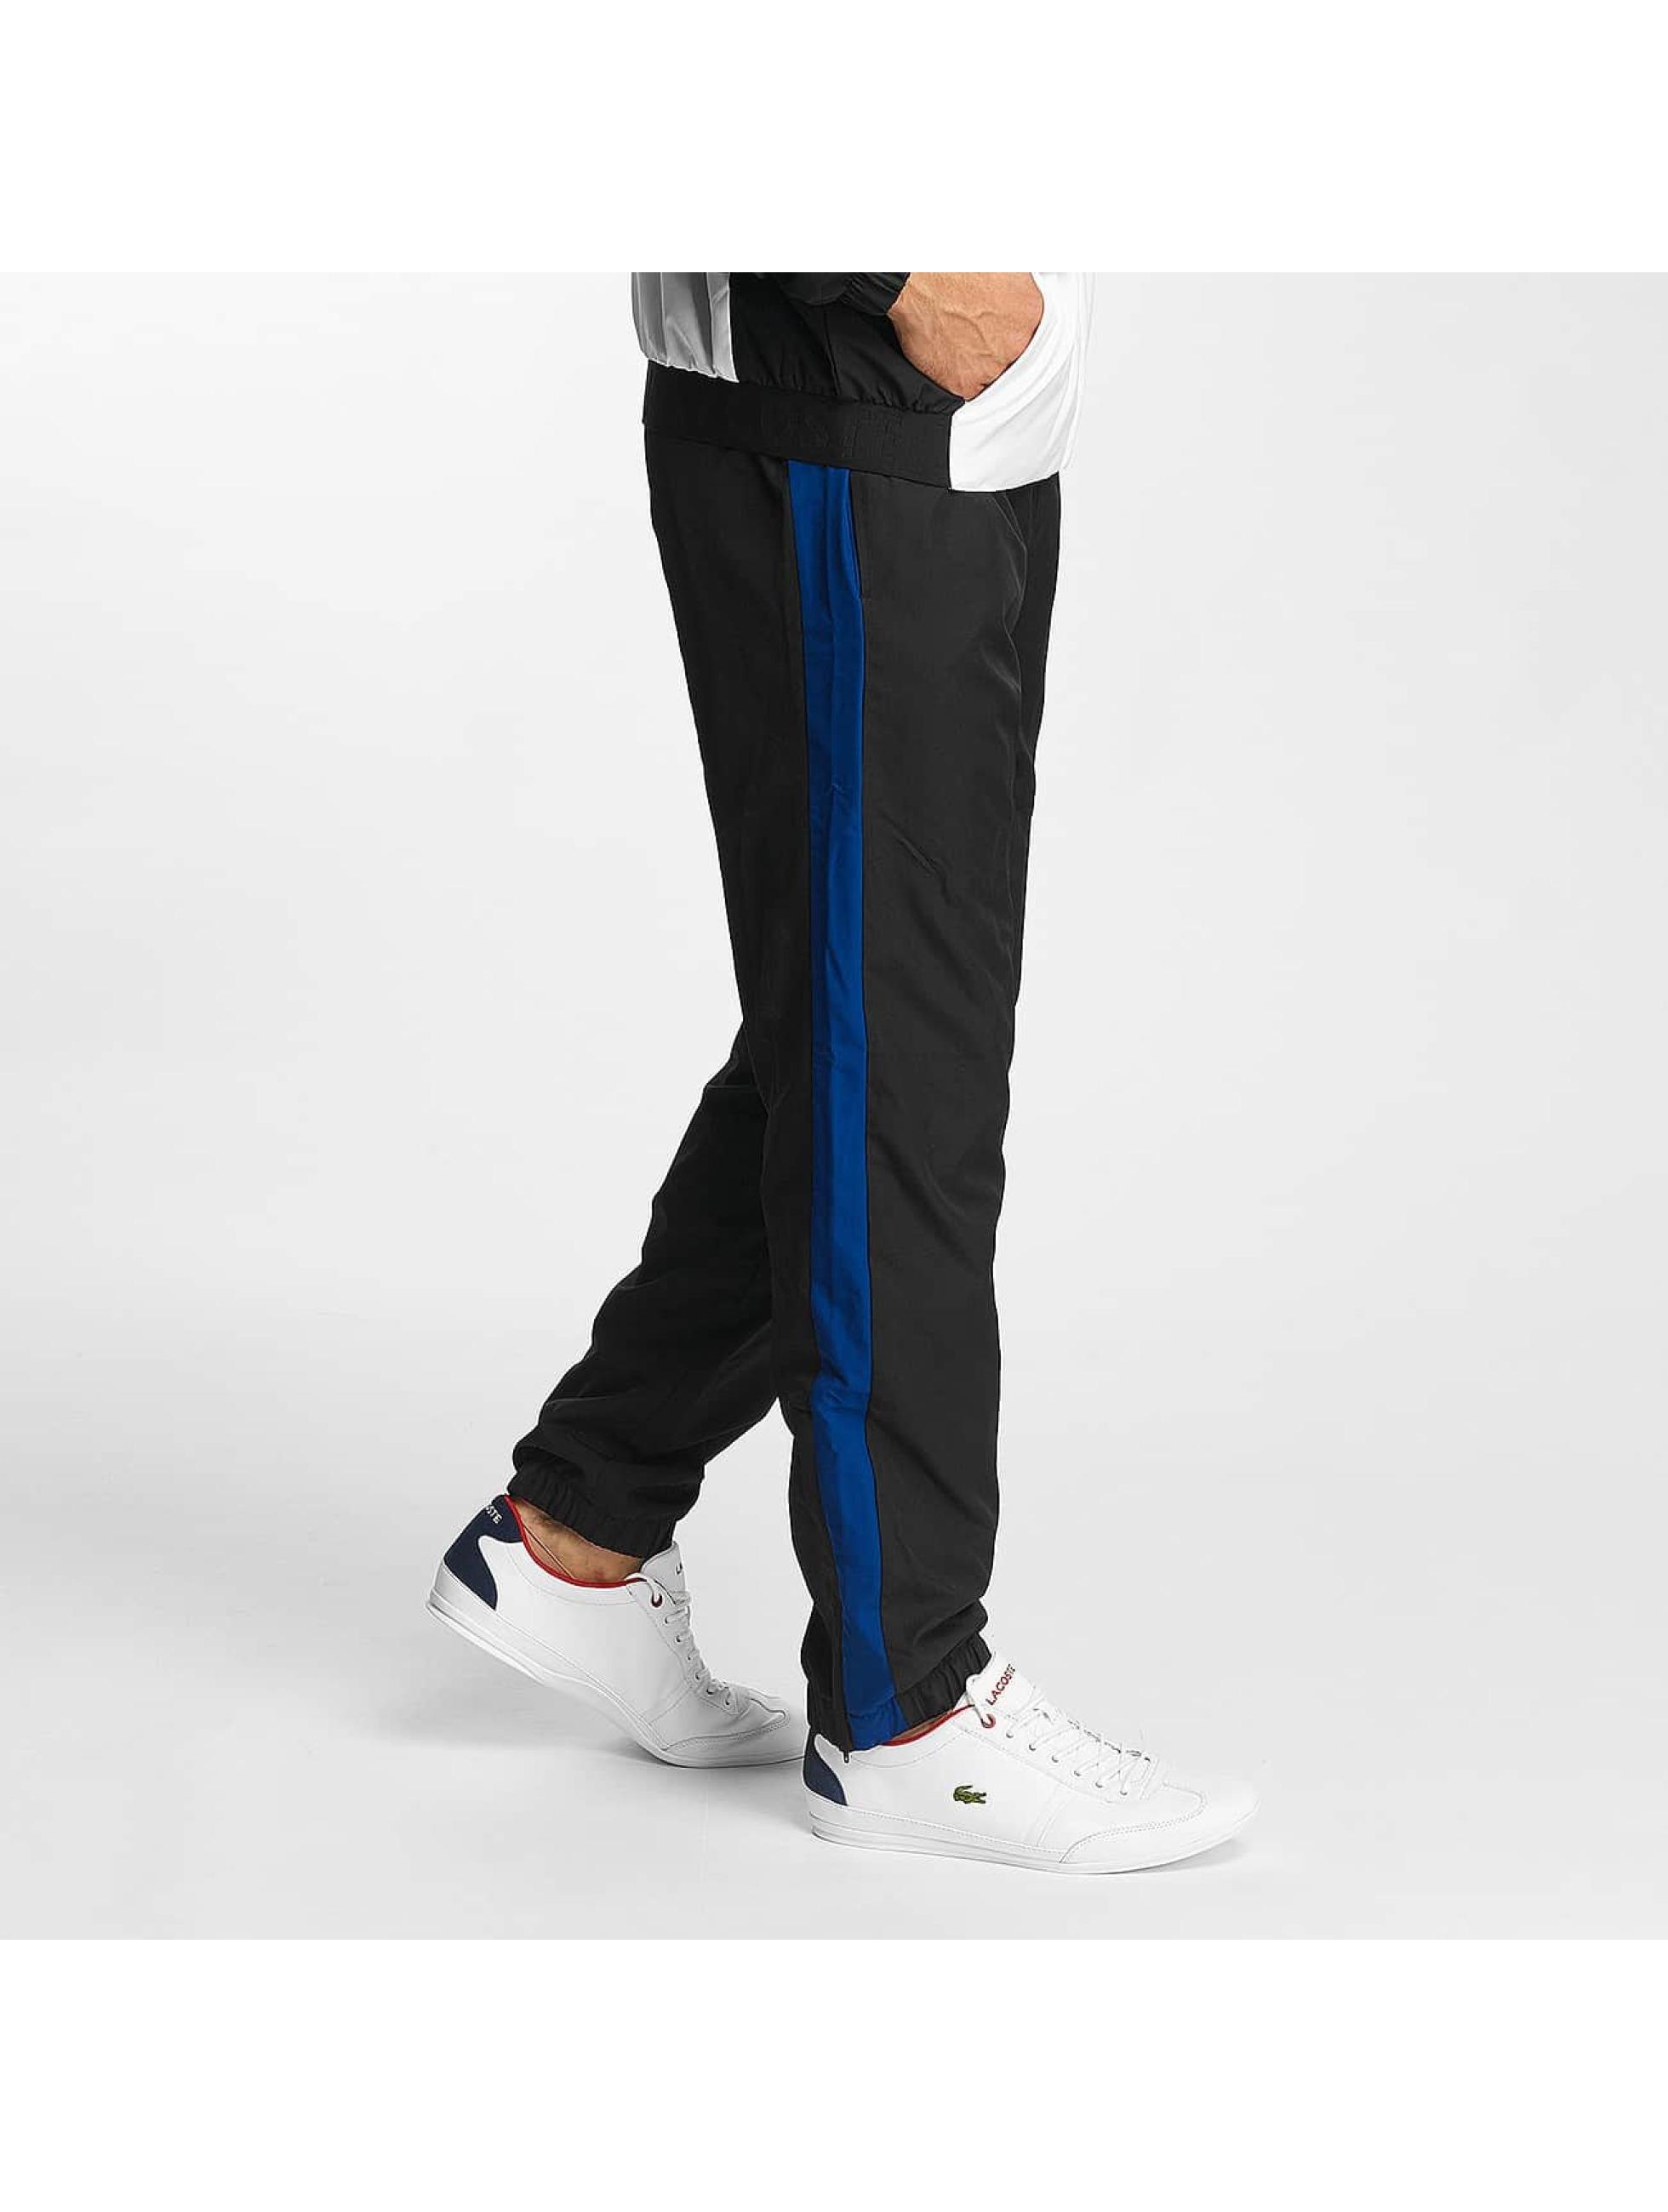 Lacoste Suits Sport Tennis Colorblocks black